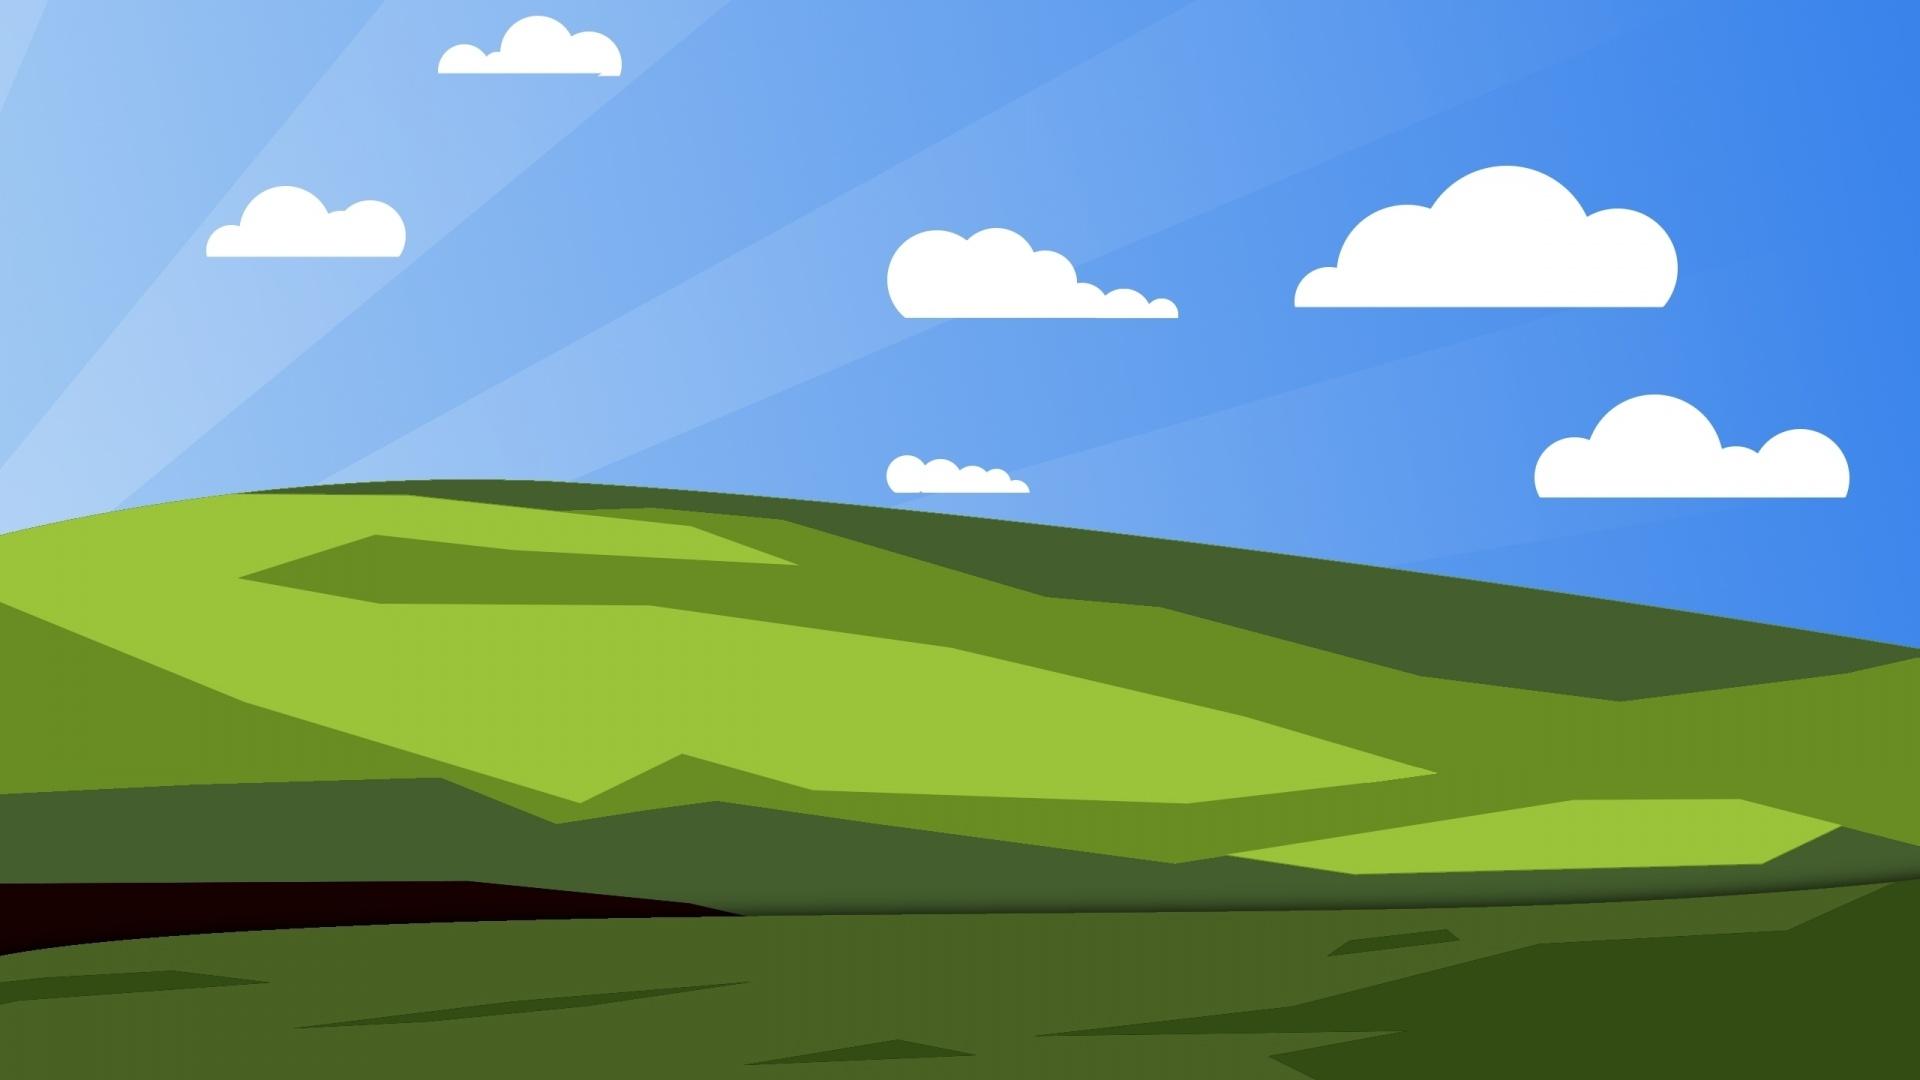 http://1.bp.blogspot.com/-2KMOaLowDy4/UG0MHAb3uhI/AAAAAAAALQo/7Pu4UVckbMg/s0/nature-wallpapers-1920x1080.jpg